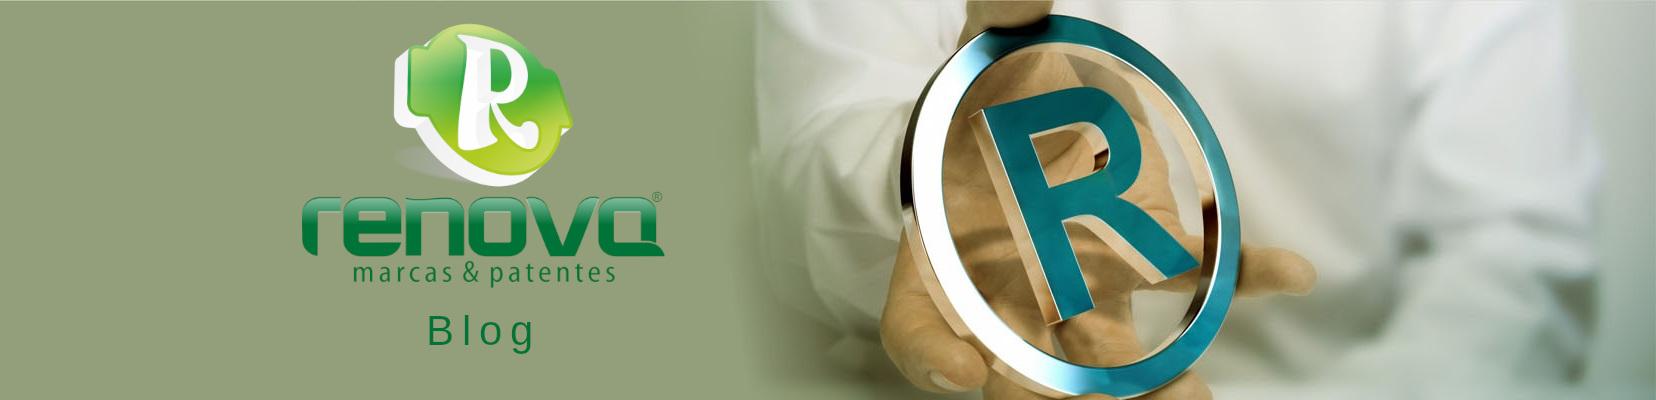 Blog Renova Marcas e Patentes